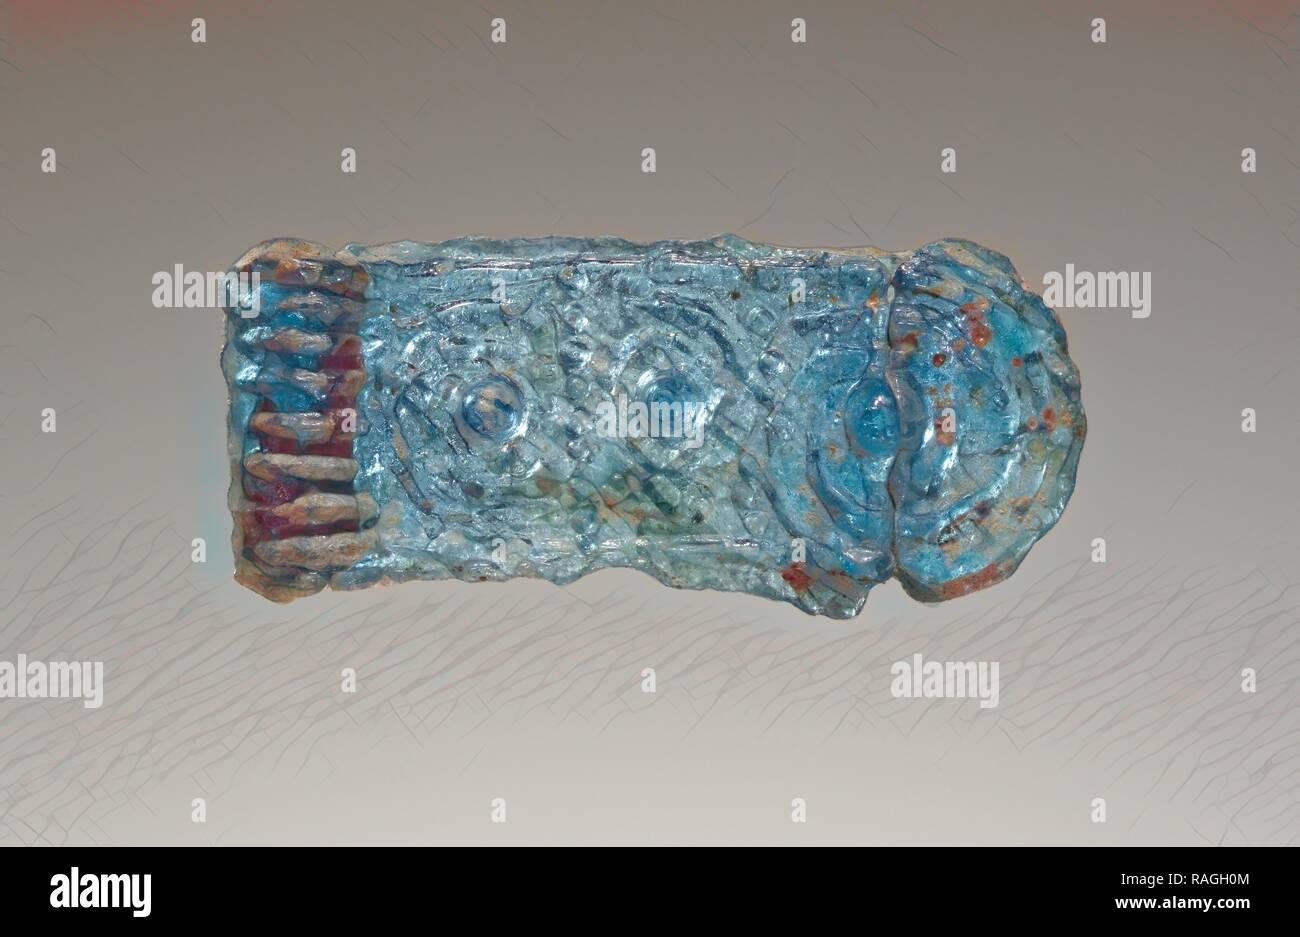 Colgante de fundición, en Grecia, alrededor del siglo XIV B.C, vidrio, de 2,5 cm (1 pulg.). Reimagined by Gibon. Arte clásico con un moderno reinventado Foto de stock